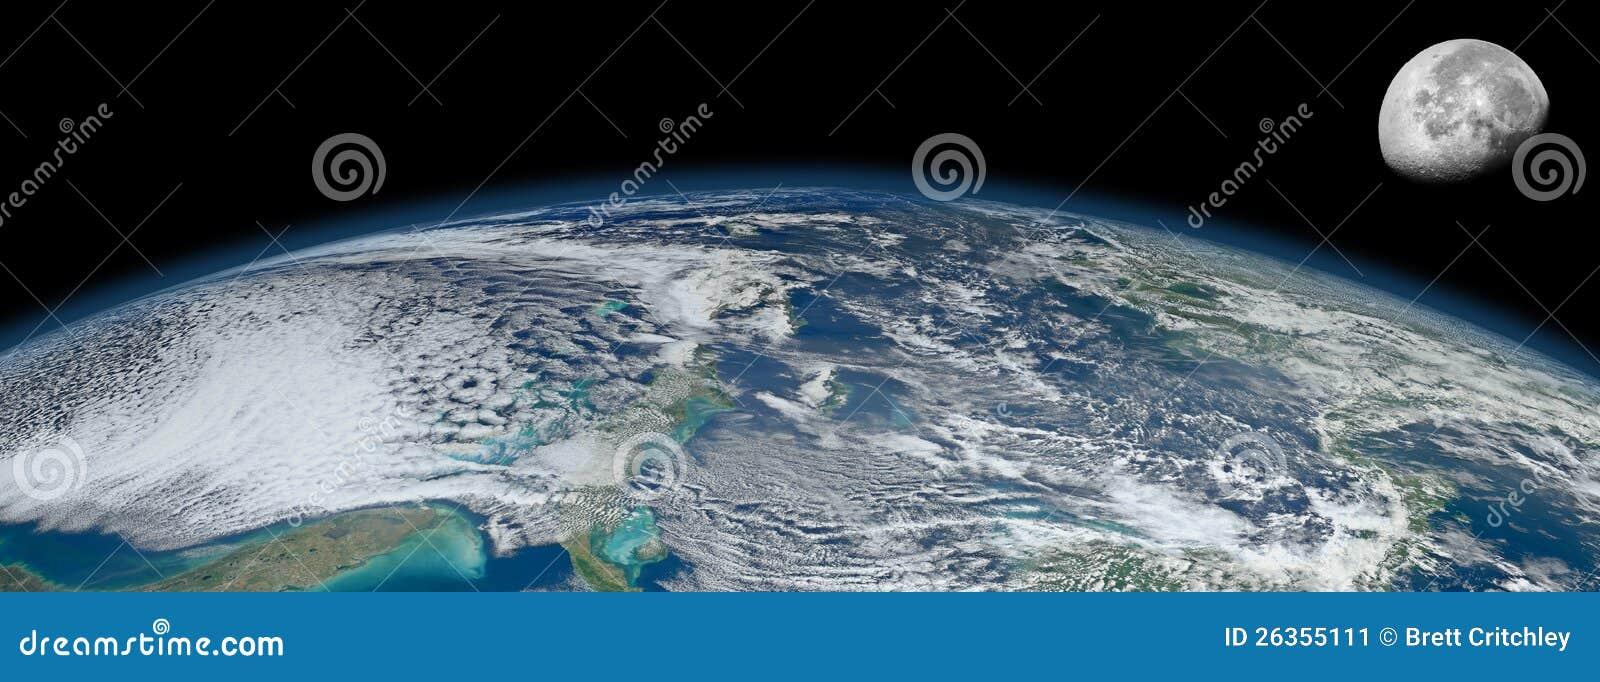 Να βάλει σε τροχιά φεγγαριών πλανήτη Γη